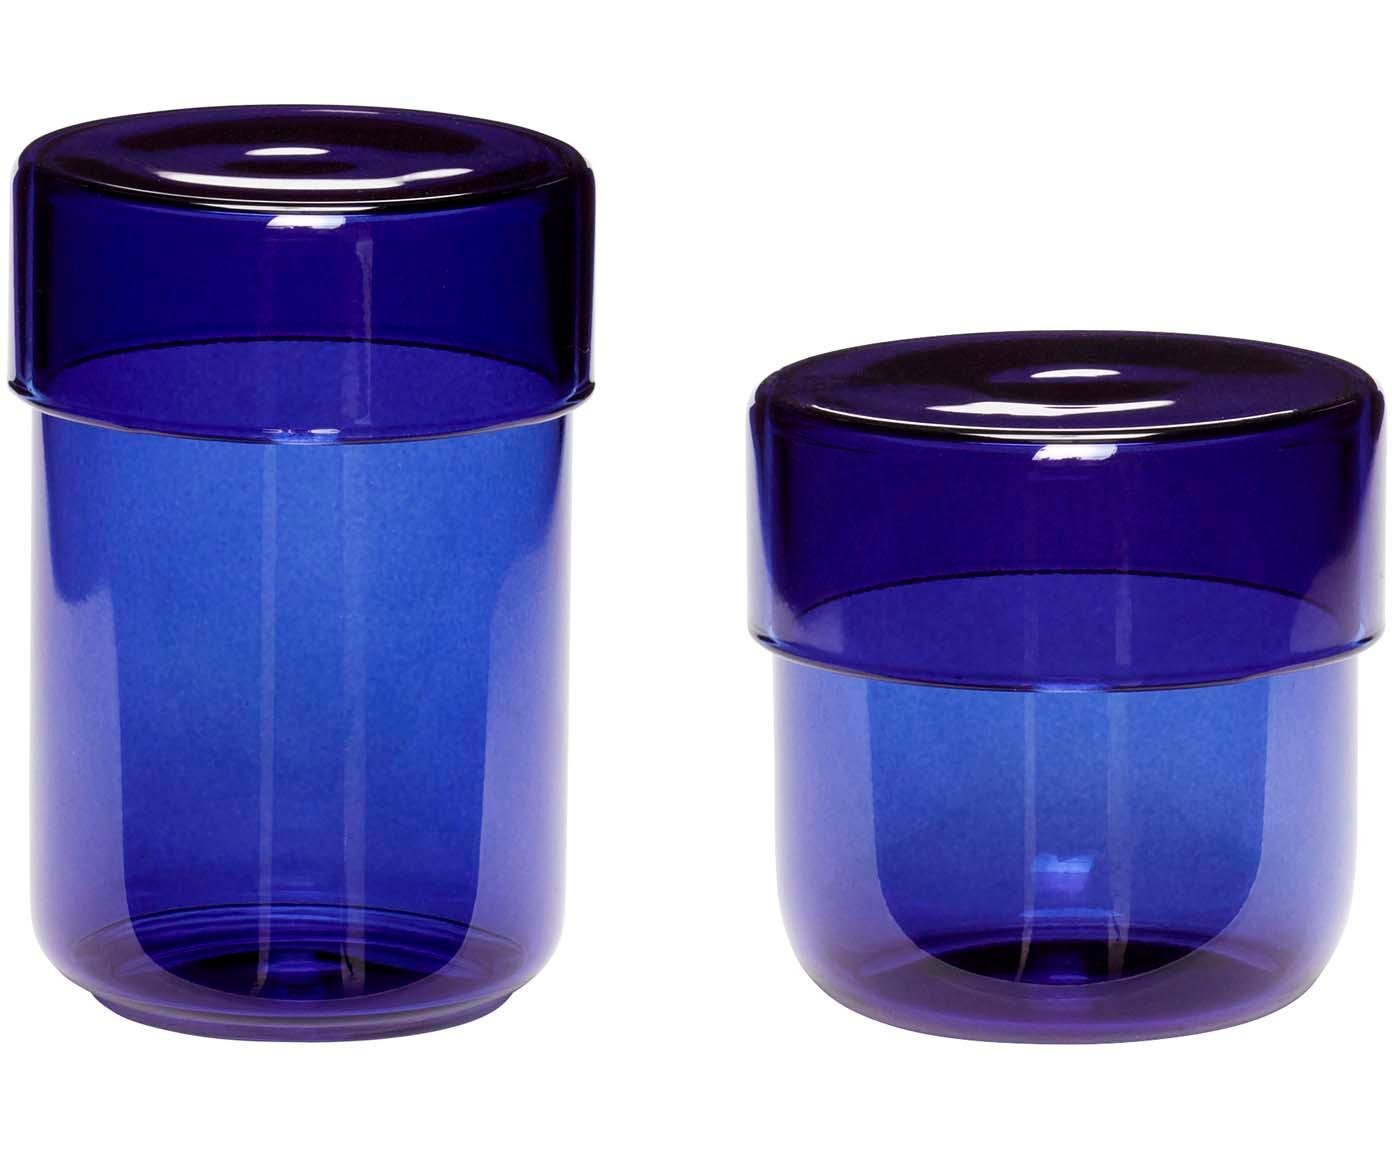 Komplet pojemników do przechowywania Transisto, 2 elem., Szkło, Niebieski, Komplet pojemników S